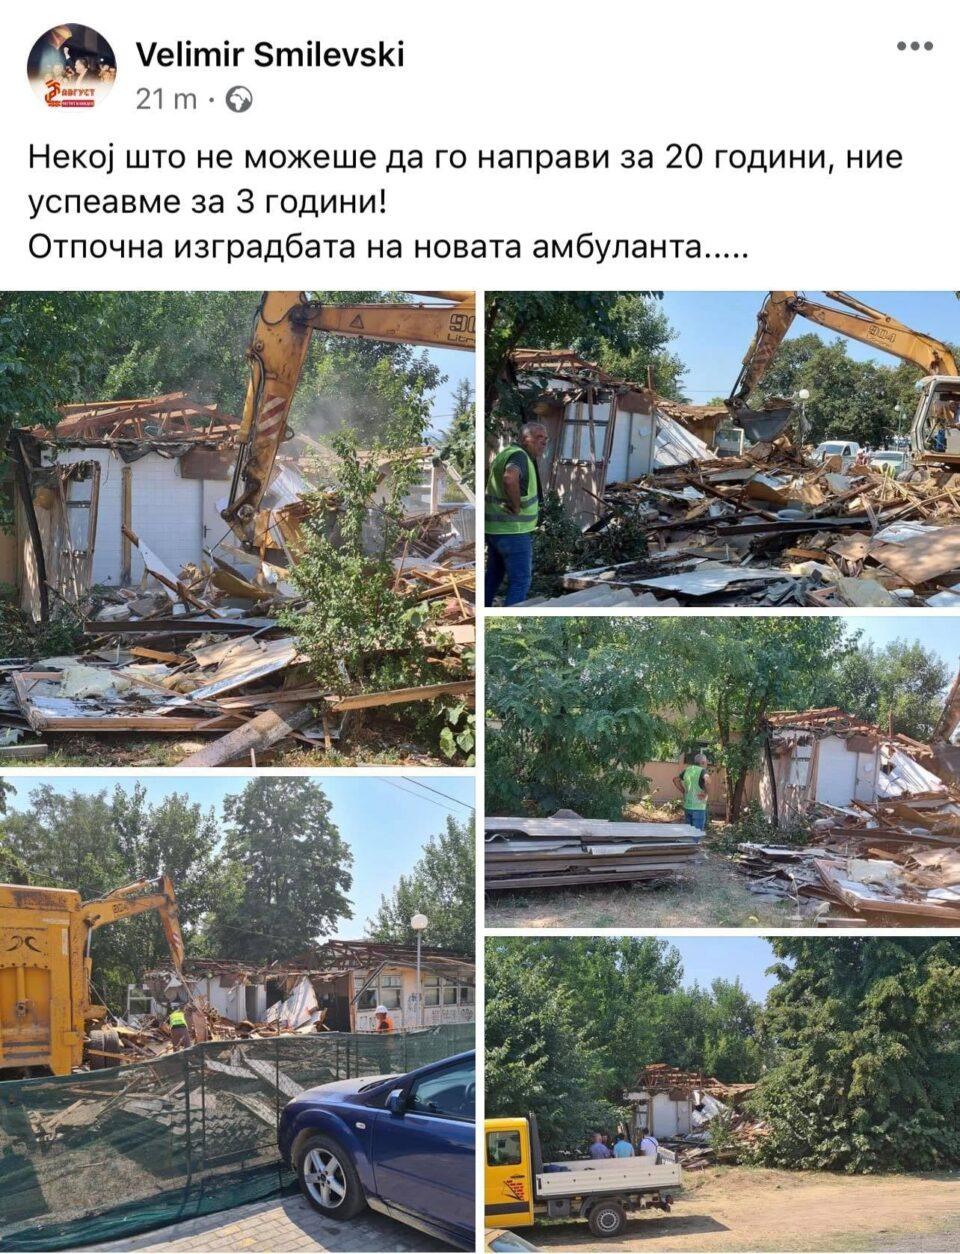 """Костовски: Ете го нa дело """"градоначалникот"""" во заминување Смилевски со нов циркуз, амбулантата се руши, а тој објави дека започна да се гради"""